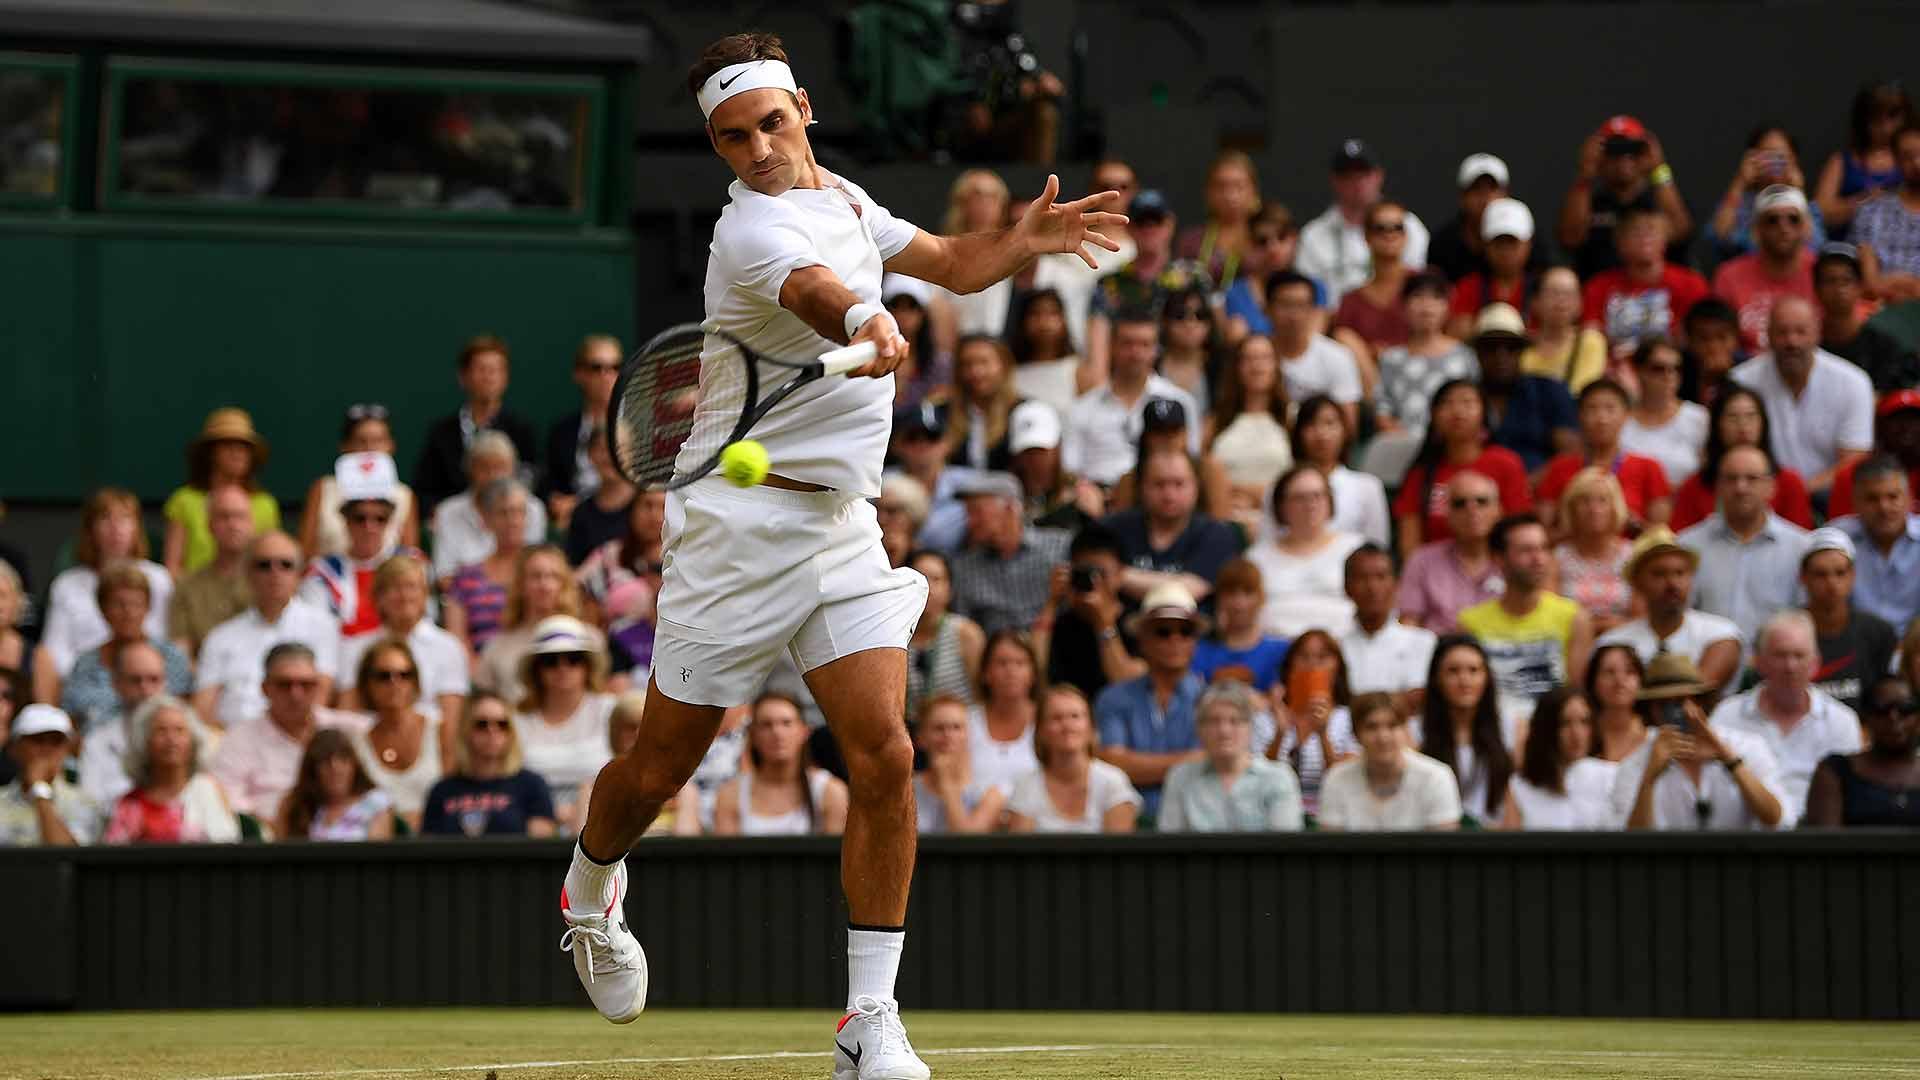 Federer gioca meglio oggi di allora, dove per allora si intende un decennio fa